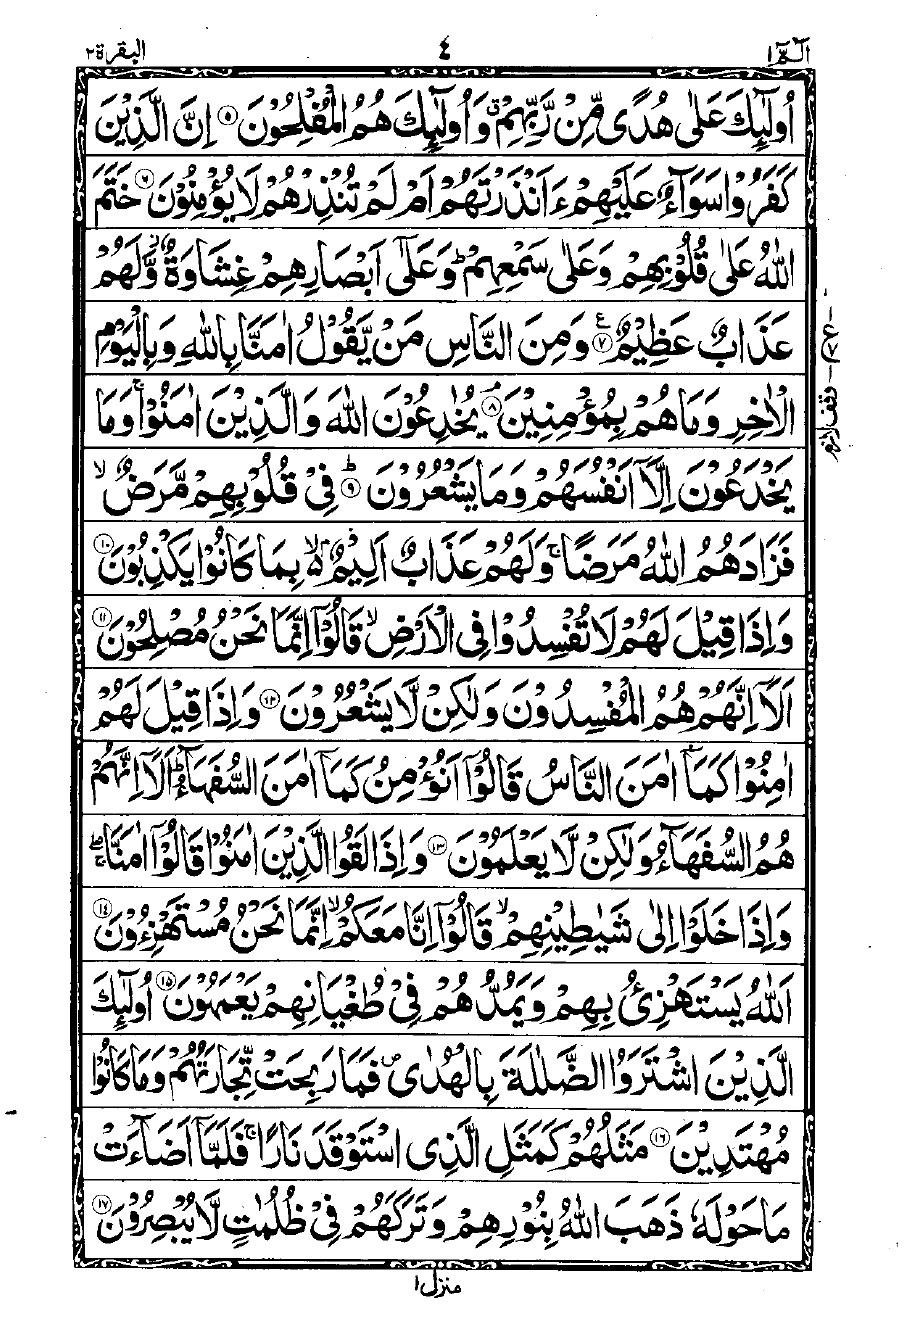 Download quran pak with urdu translation taj company: merit.